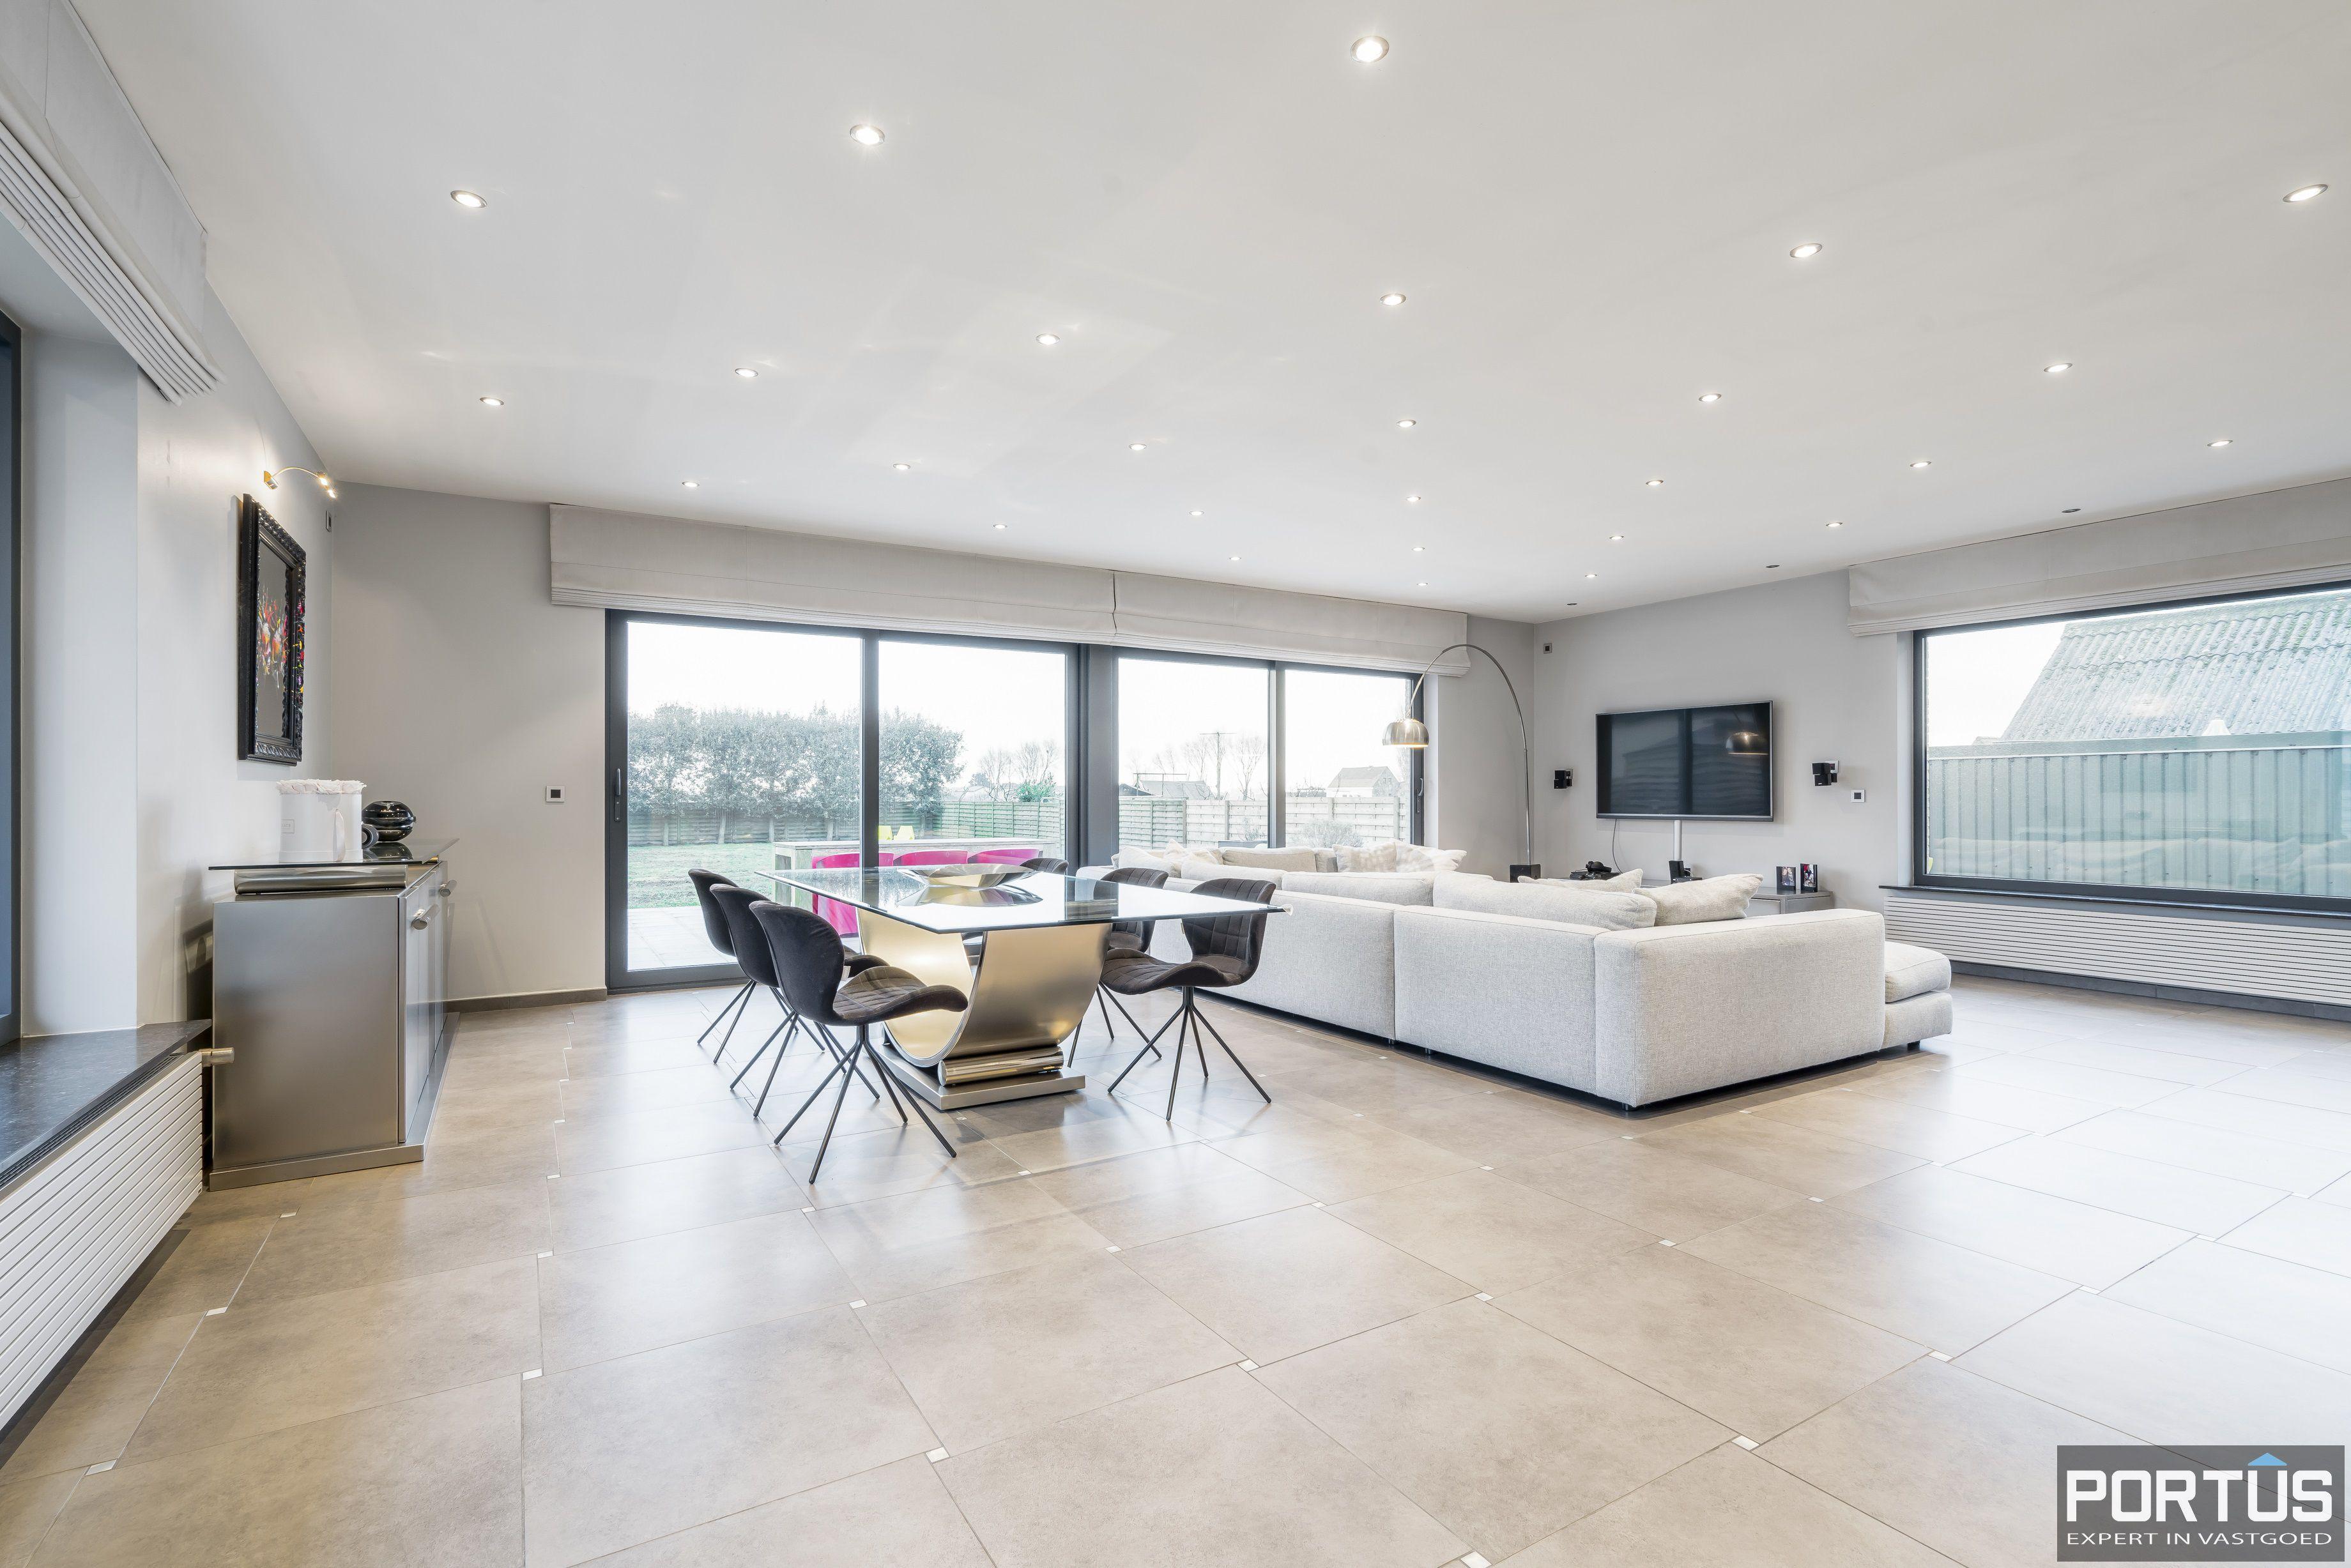 Instapklare villa met 3 slaapkamers te koop te Middelkerke - 12238